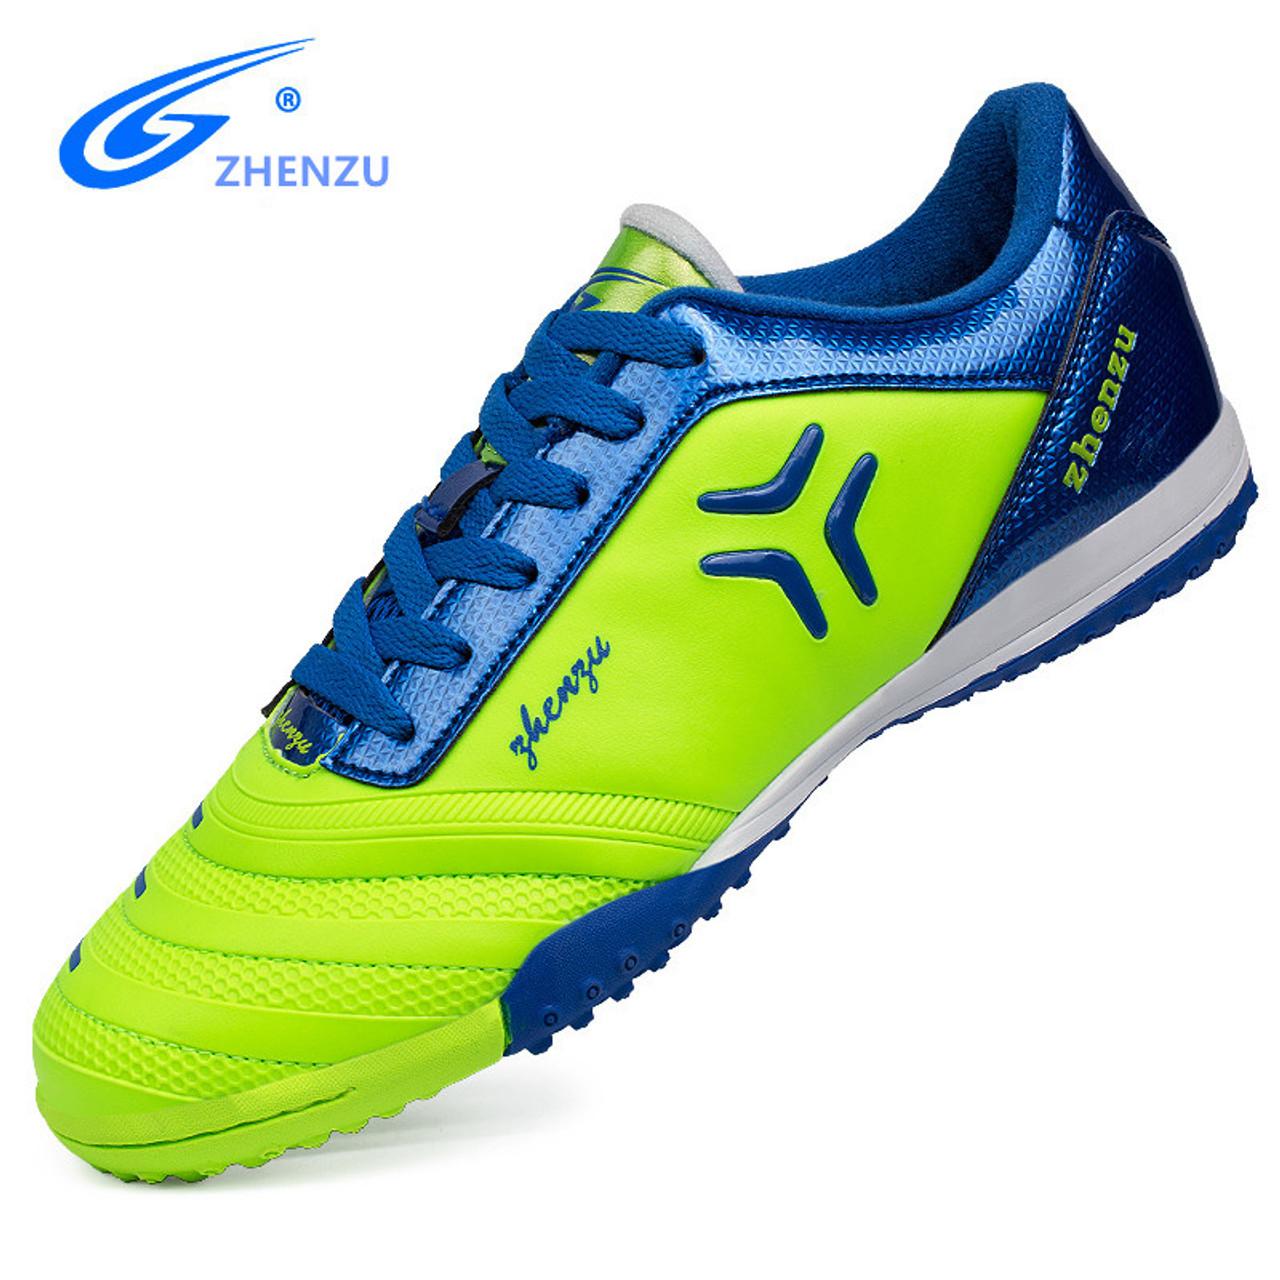 332710aa5 ... ZHENZU Men Kids Football Boots Superfly Original Indoor Soccer Cleats  Shoes Sneakers chaussure de foot voetbalschoenen ...